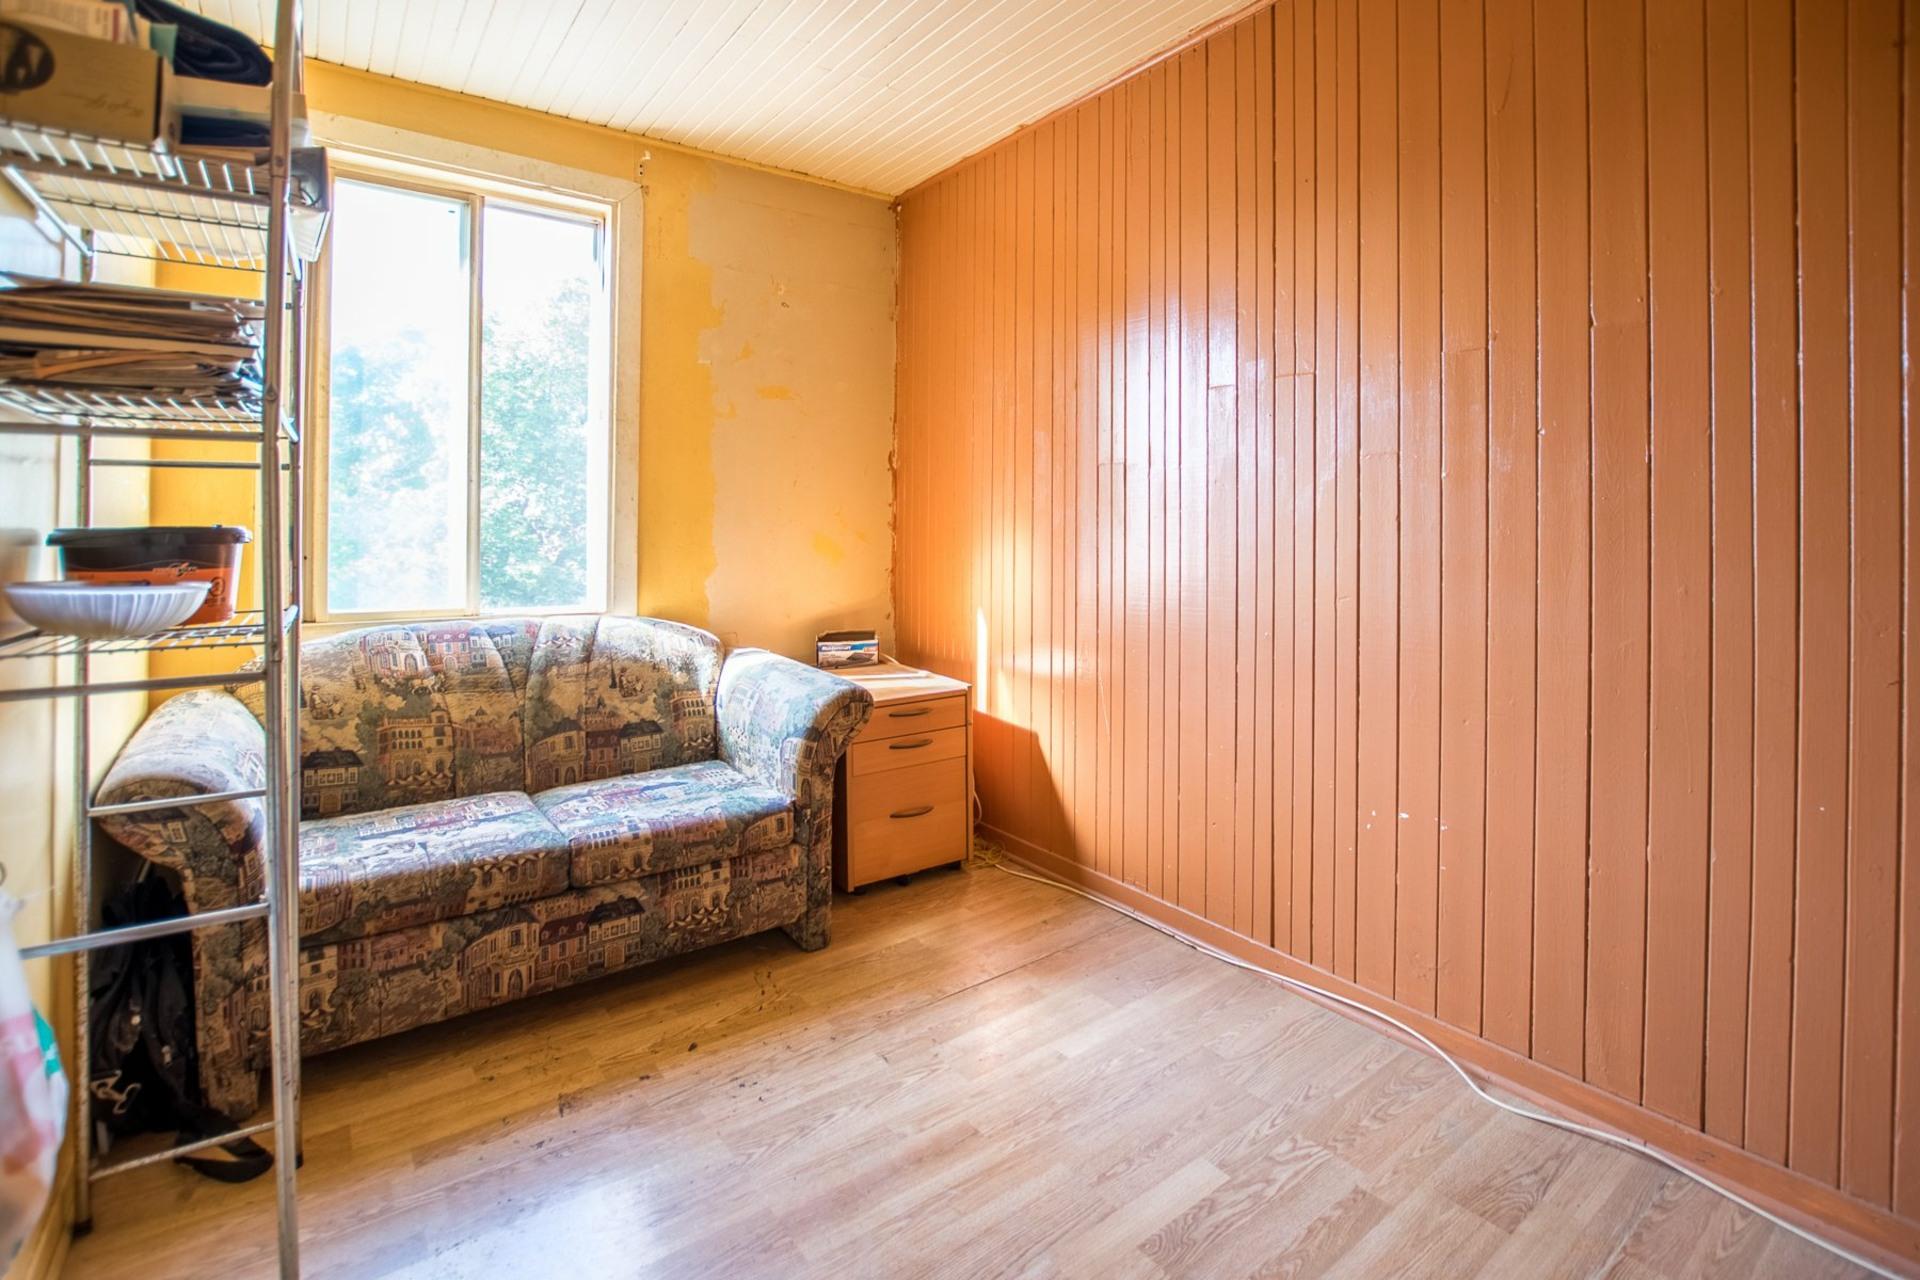 image 10 - Maison À vendre Beauharnois - 9 pièces